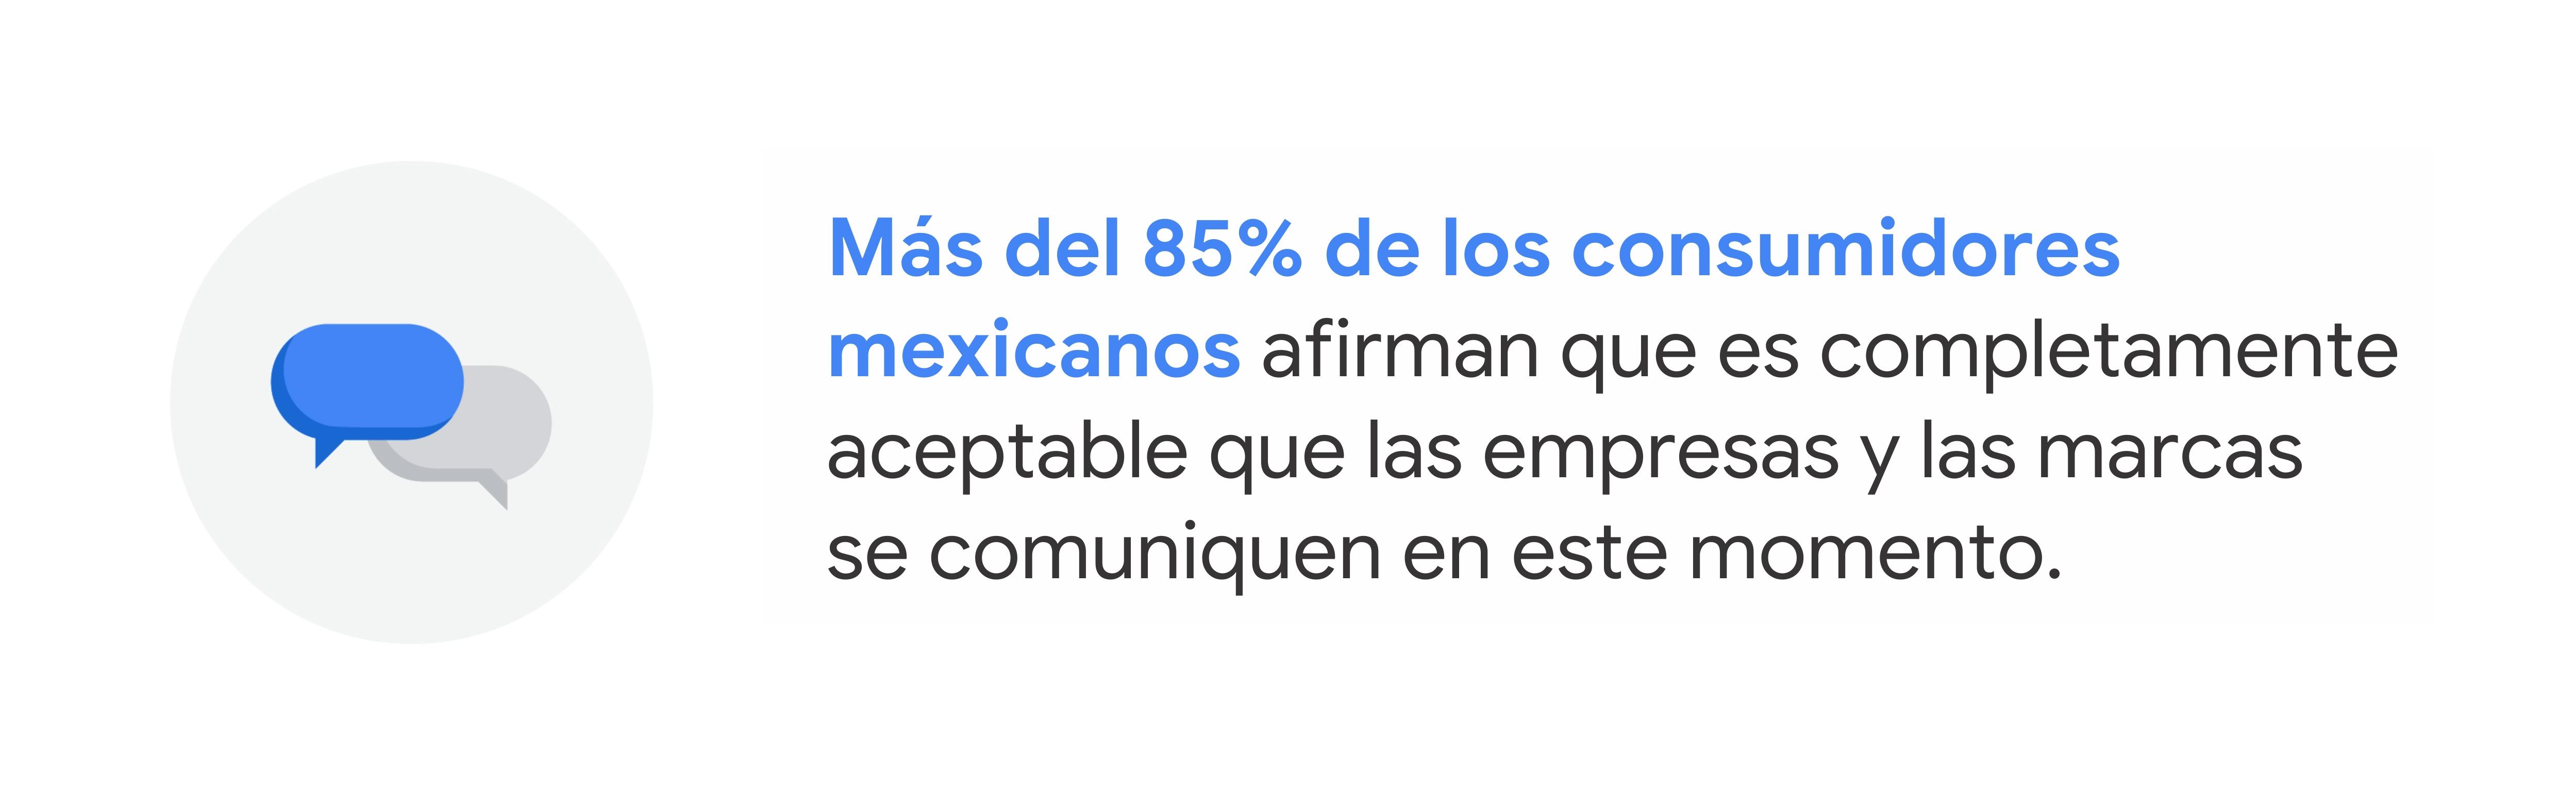 Ilustración de burbujas de mensajes azules y blancas. Text reads: Más del 85% de los consumidores mexicanos afirman que es completamente aceptable que las empresas y las marcas se comuniquen en este momento.